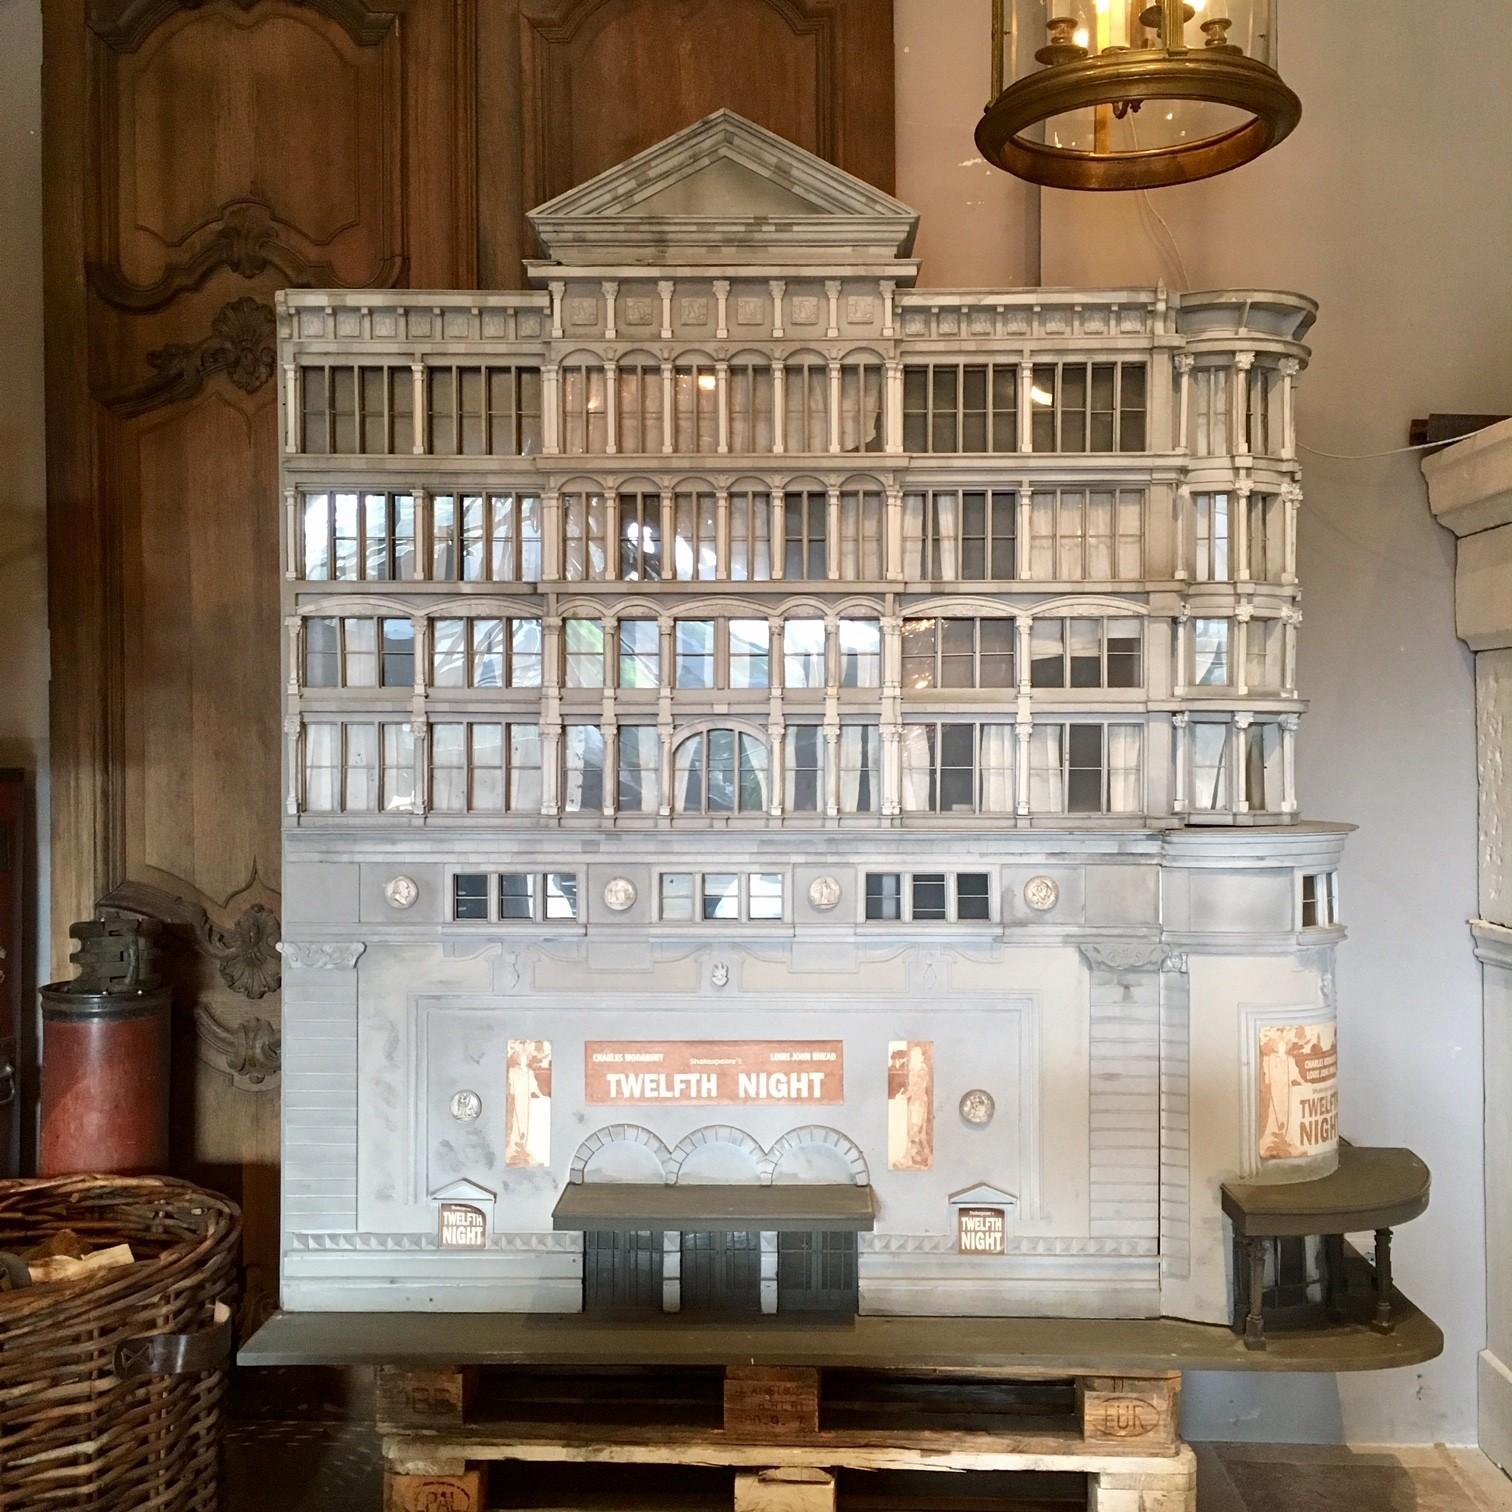 Groot architectonisch decoratief model van een theater